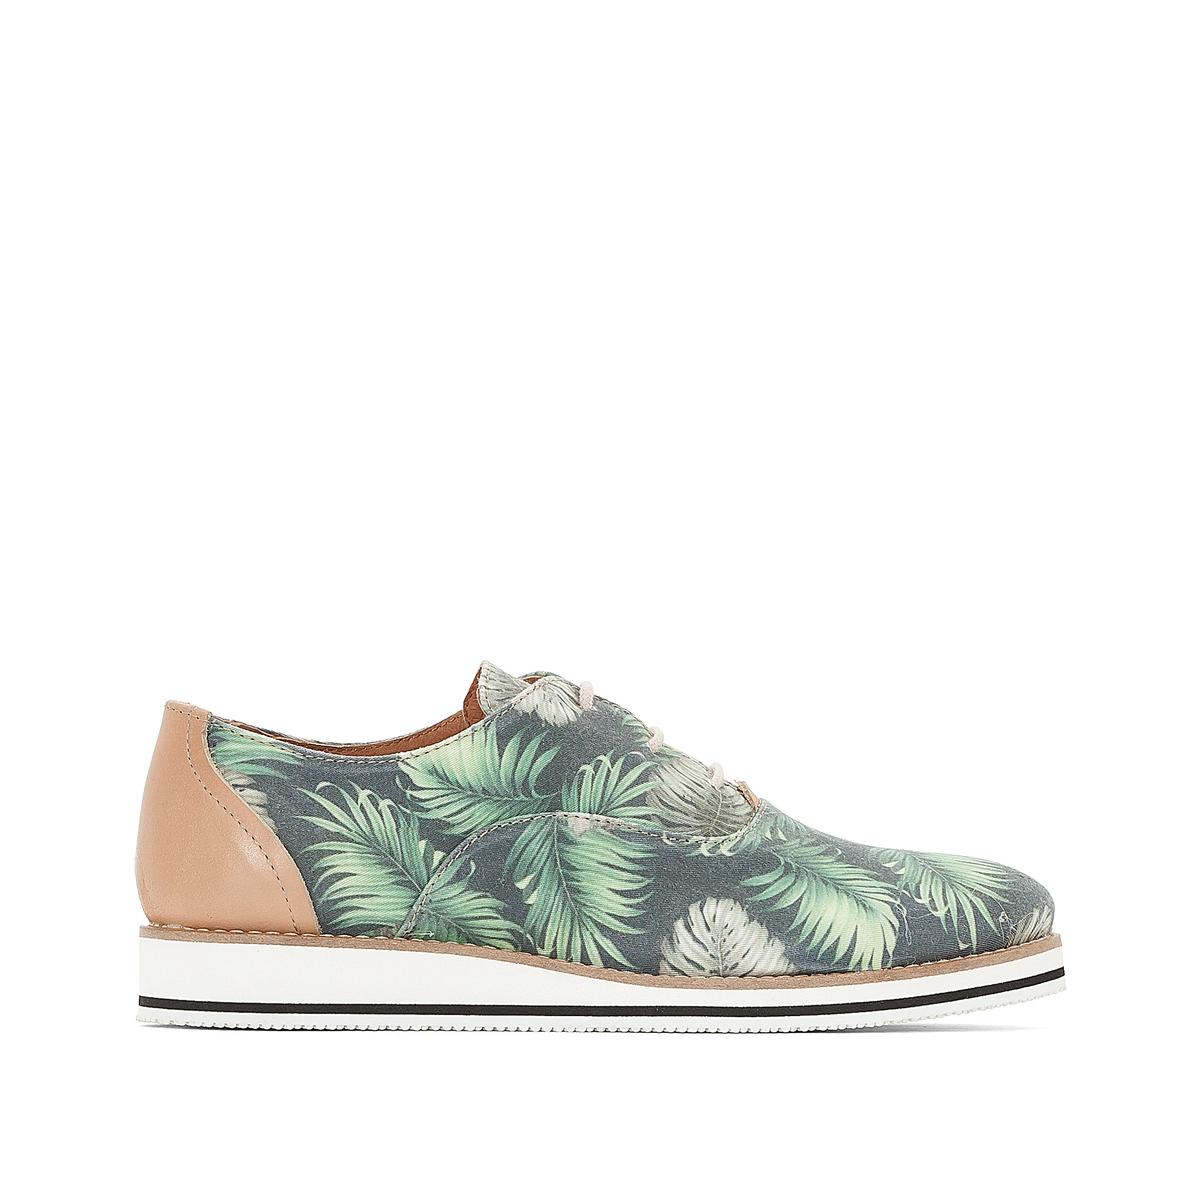 Ботинки-дерби тканевые ботинки дерби под кожу питона